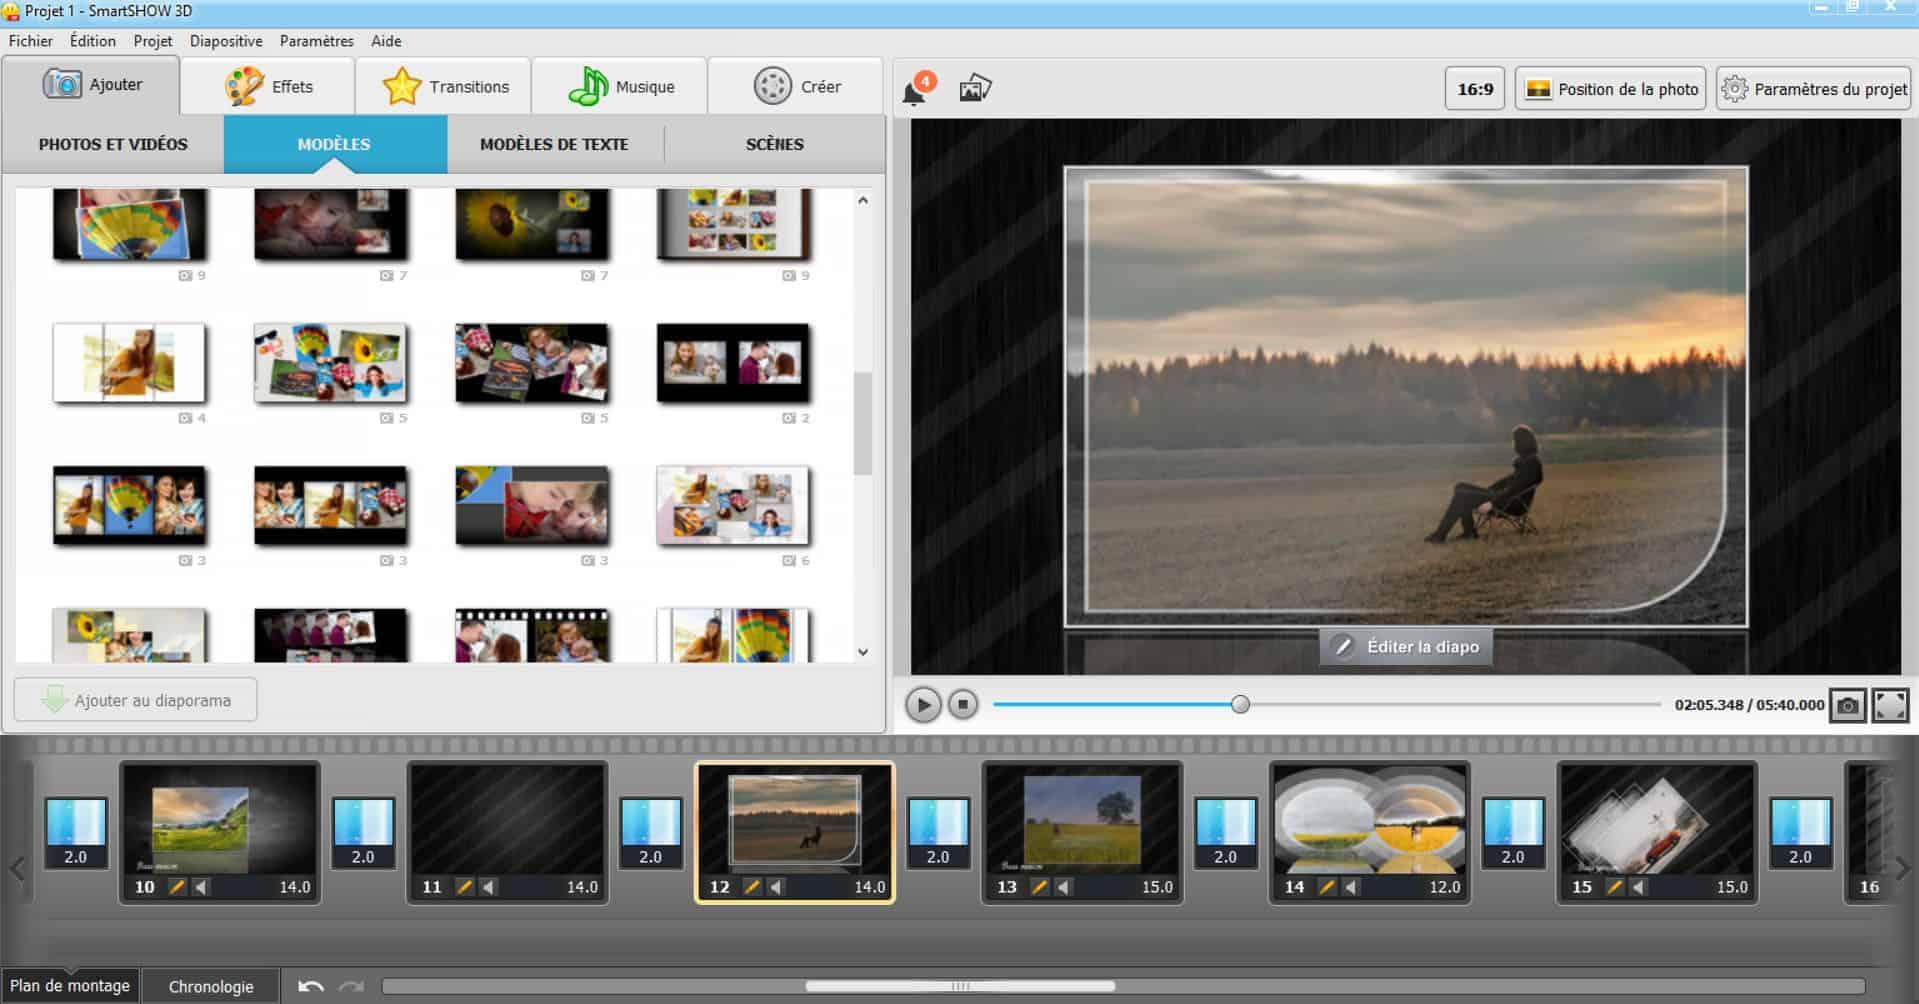 SmartSHOW 3D : L'ajout d'animation